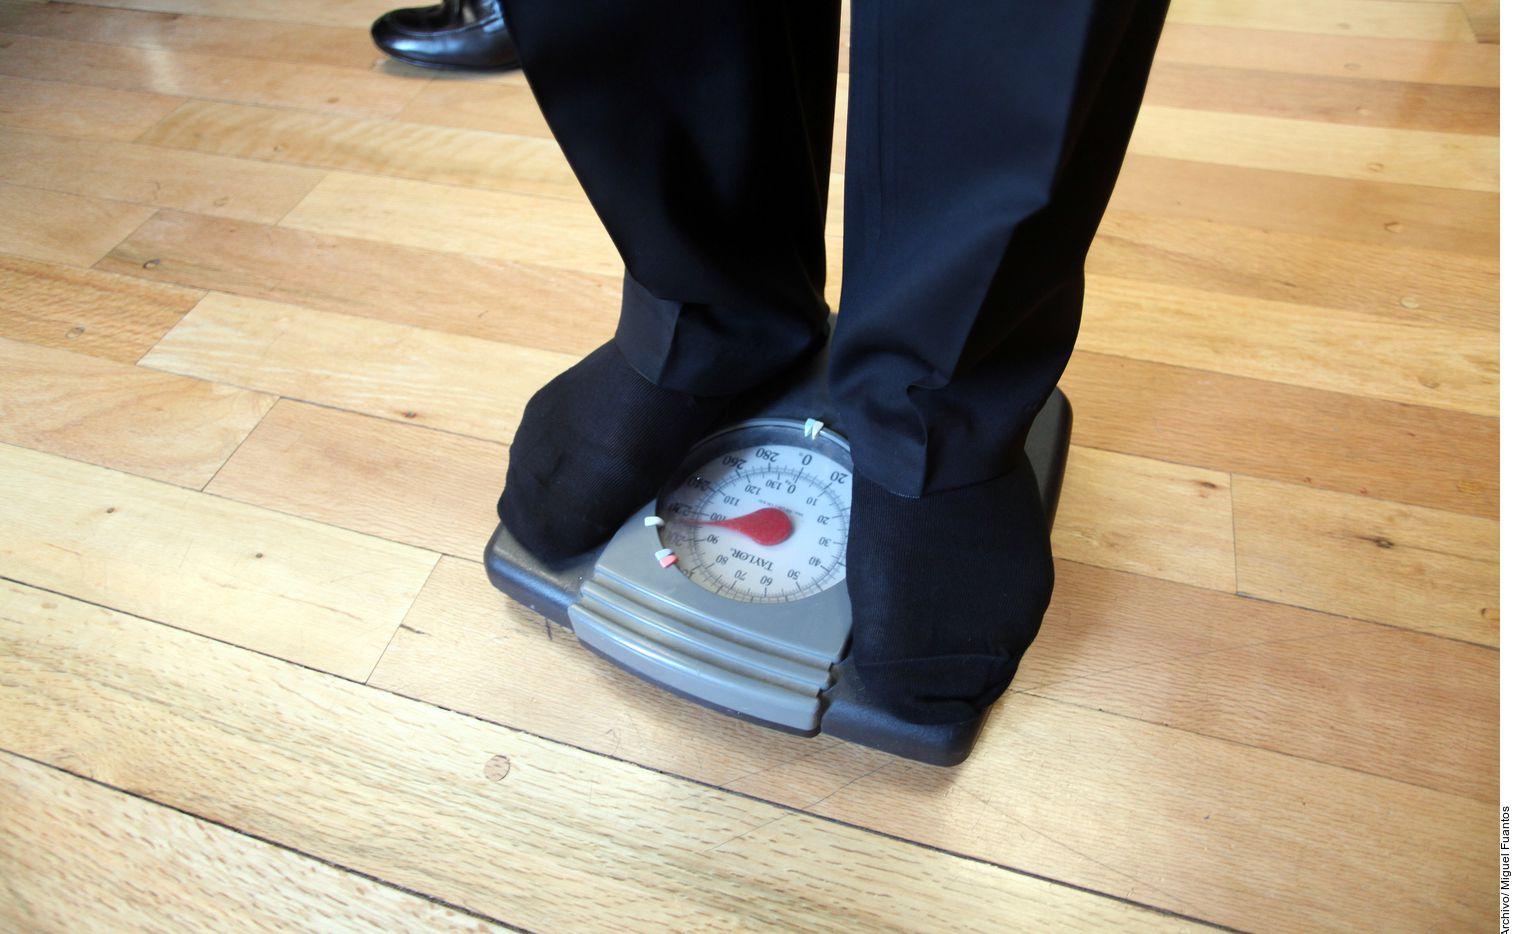 """En su charla """"Ejercicio y suplementos alimenticios: ¿cómo empiezo?"""", Santiago Meléndez subrayó que lo esencial es atender un plan personalizado, para de ahí comenzar a perder peso y/o crear masa muscular."""